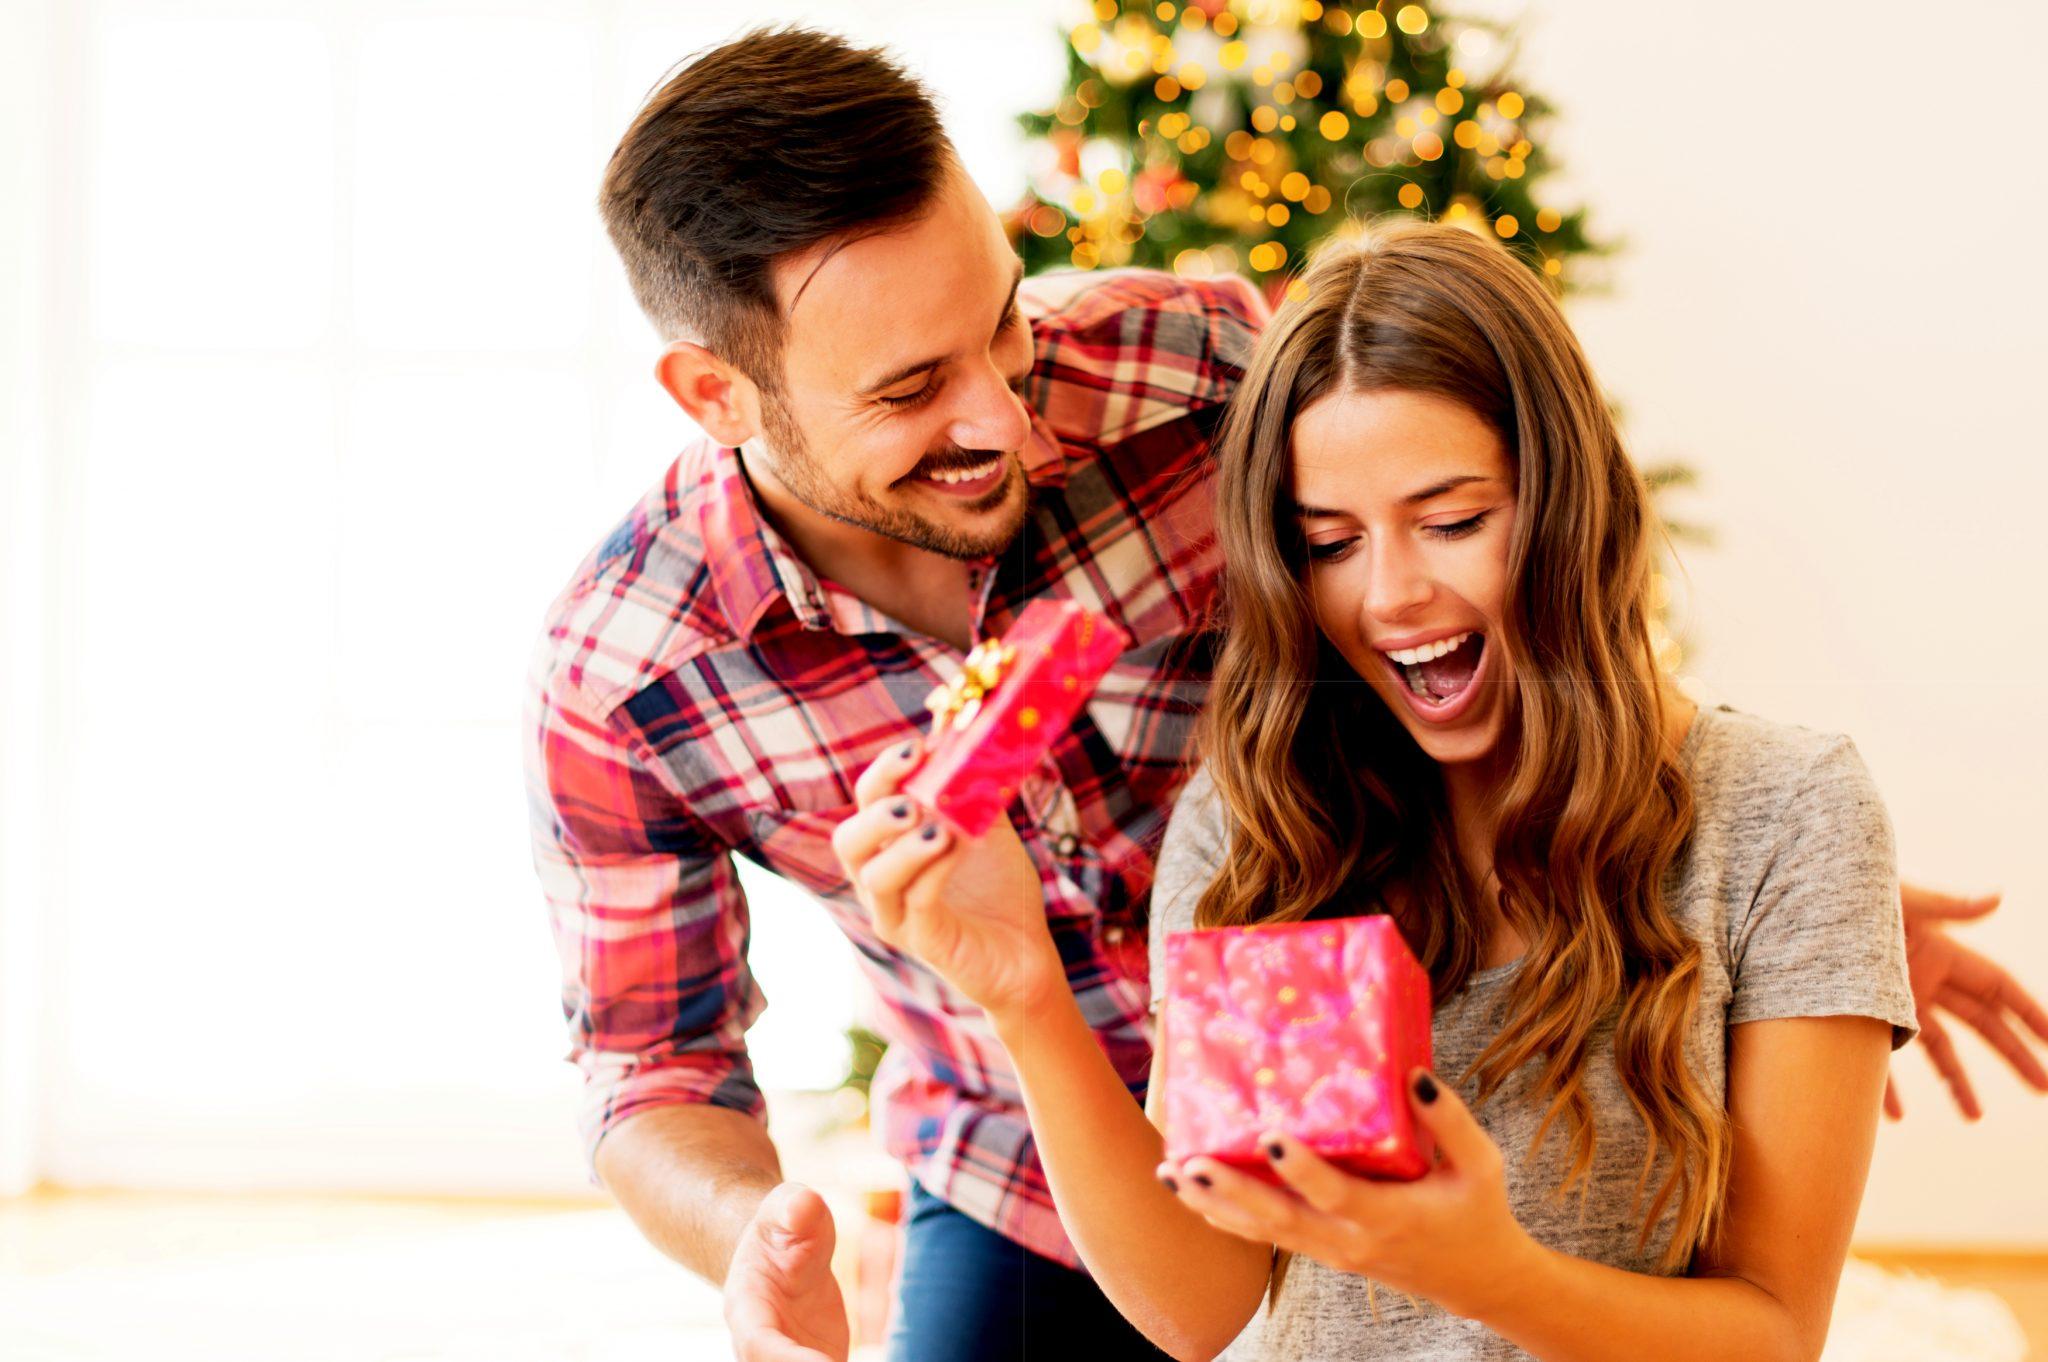 彼女にプレゼントを渡している男性